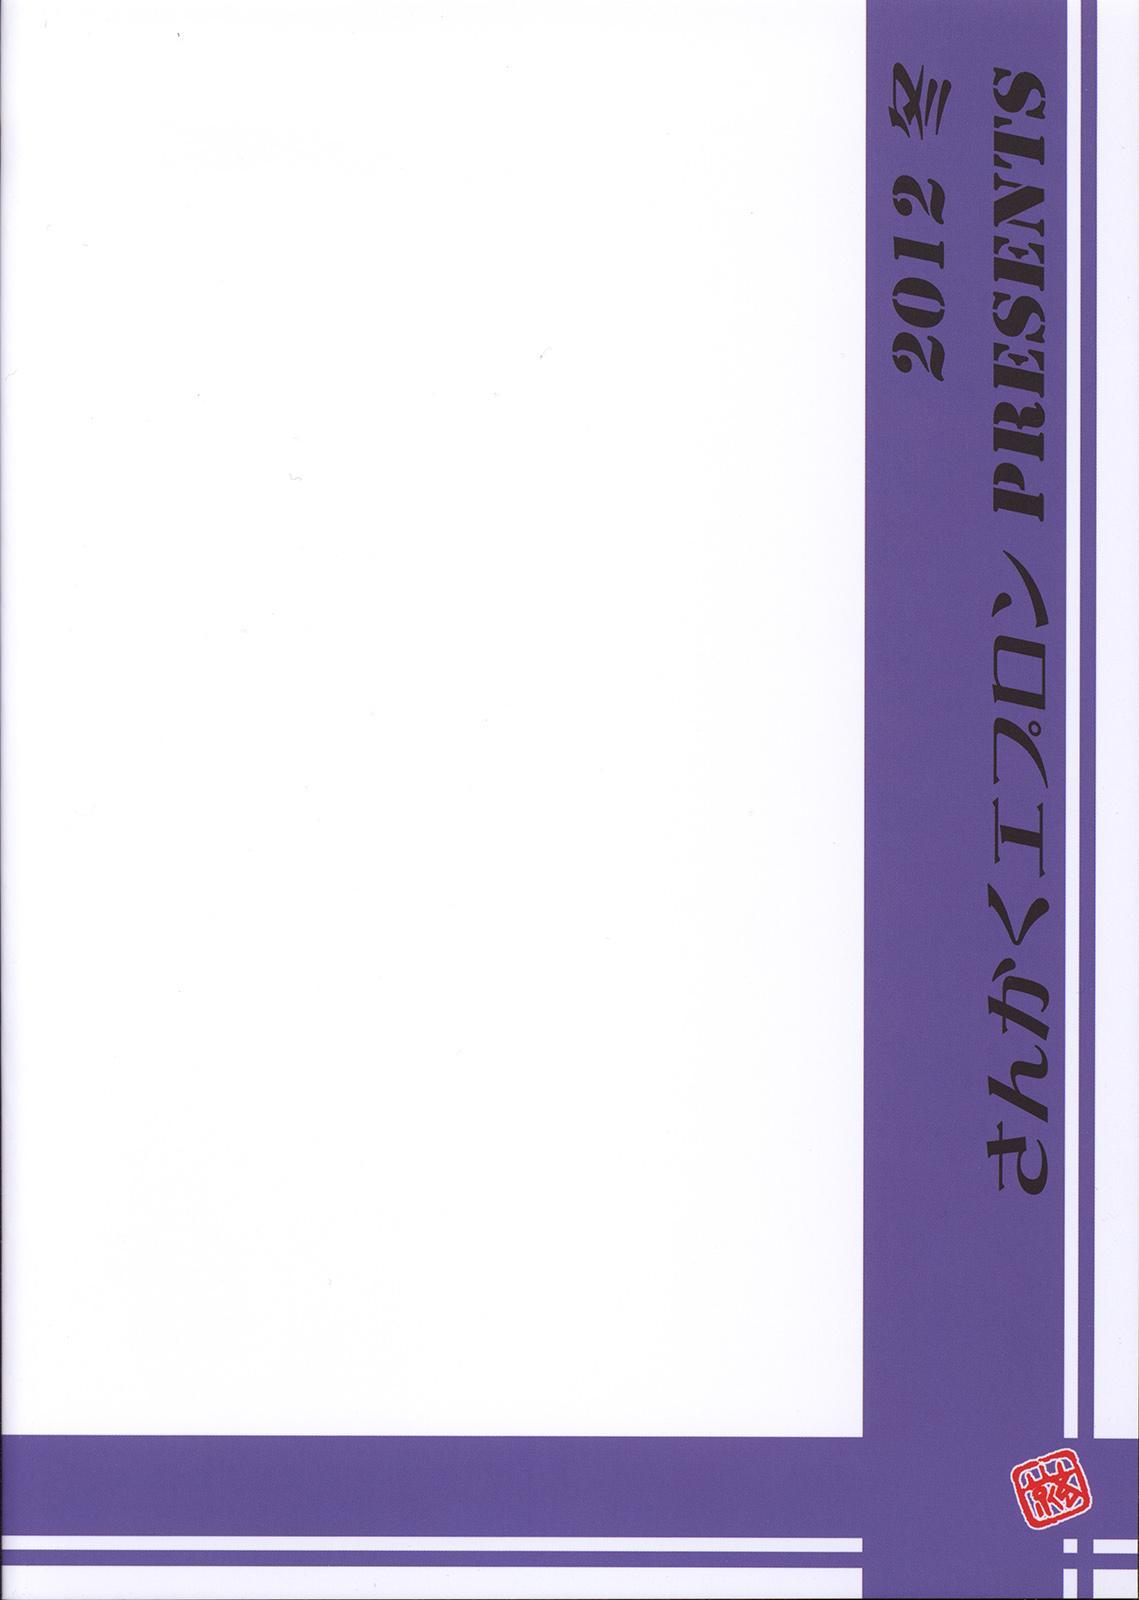 Ikusora no iro - Kinue 35